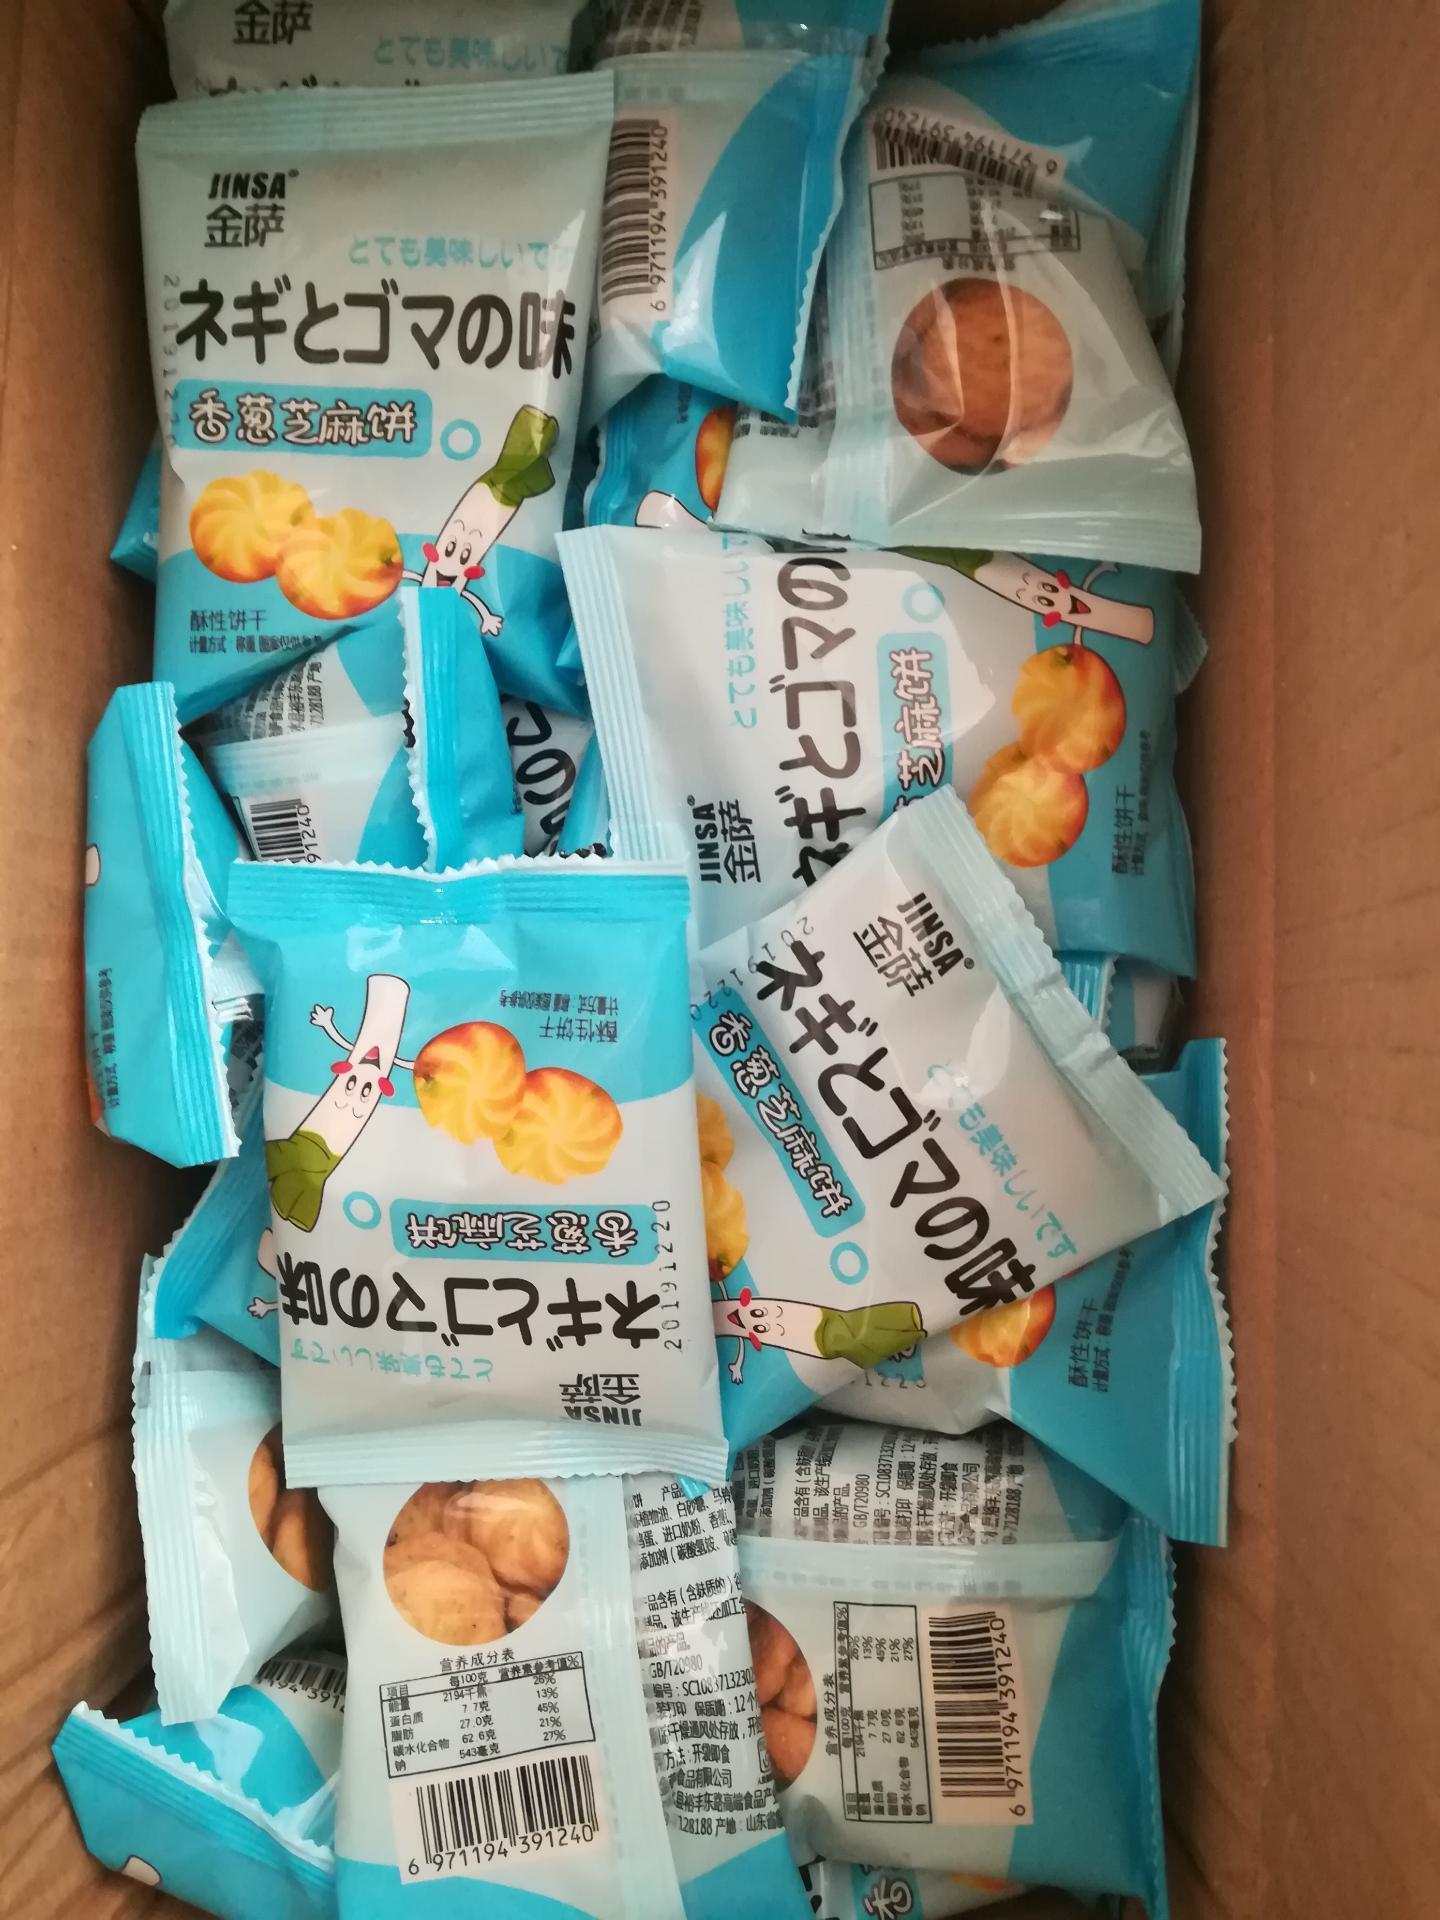 【5斤更超值】金萨香葱芝麻小饼干儿童曲奇休闲零食整箱2斤--5斤